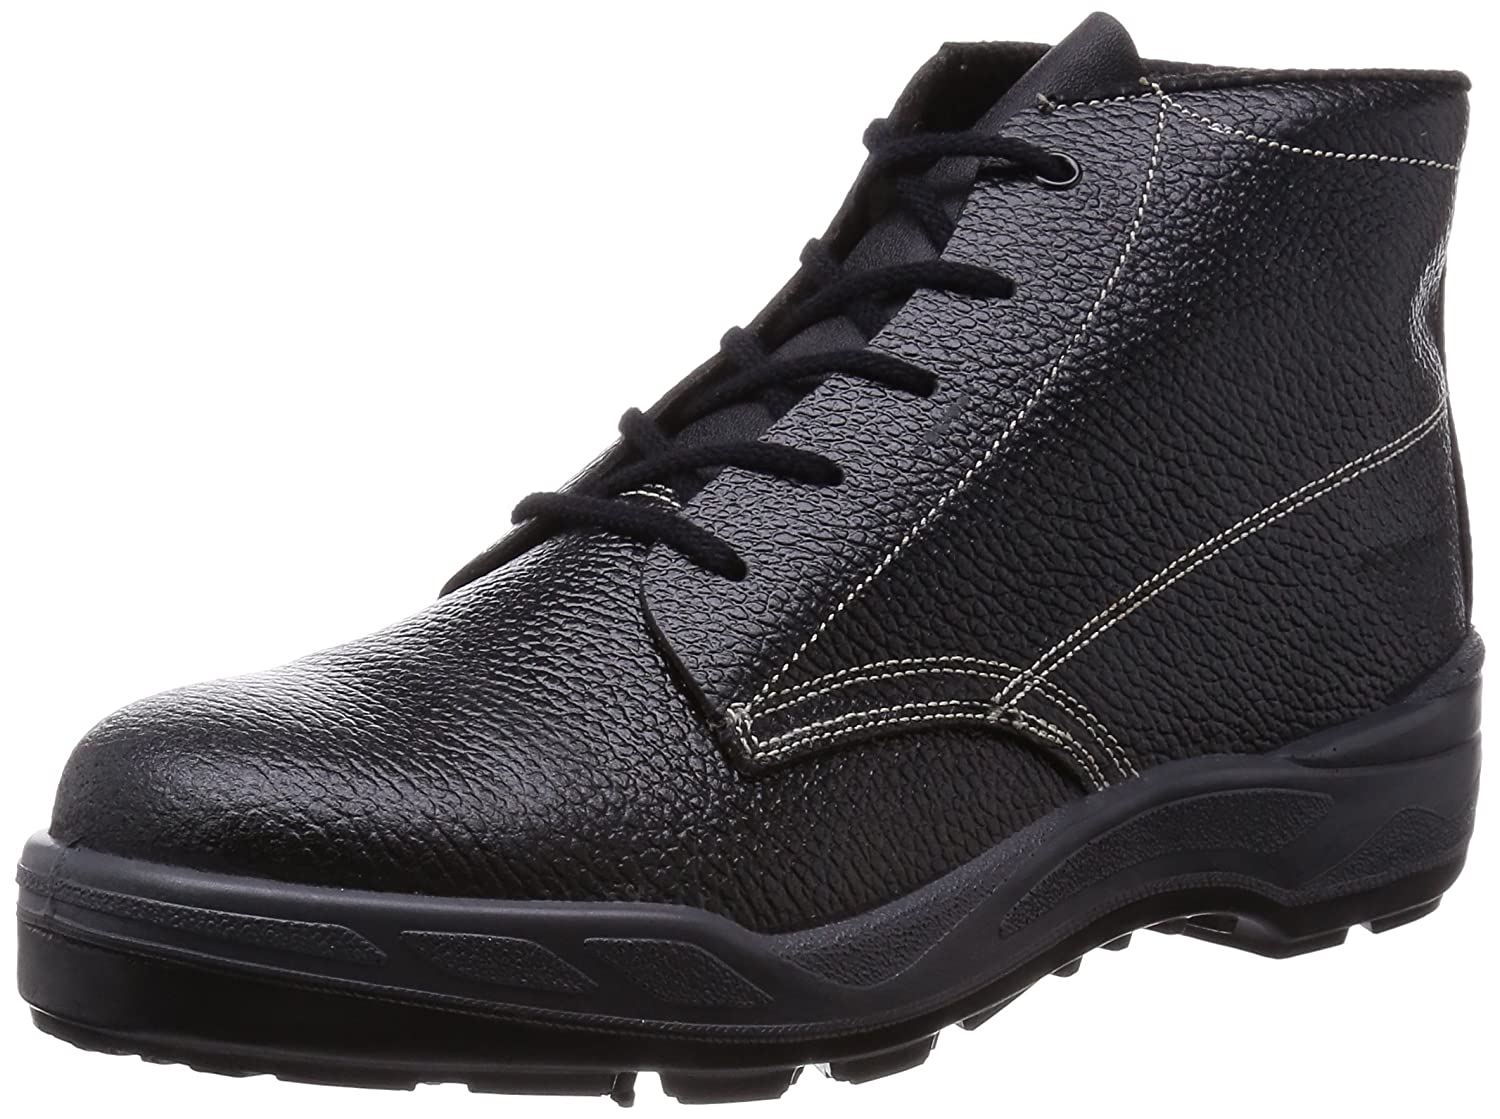 [ディアドラユーティリティ] 作業靴 JSAA認定 プロスニーカー GULL ガル メンズ B07DL2DK6K 28.0 cm 3E|ブラック&ホワイト&オレンジ